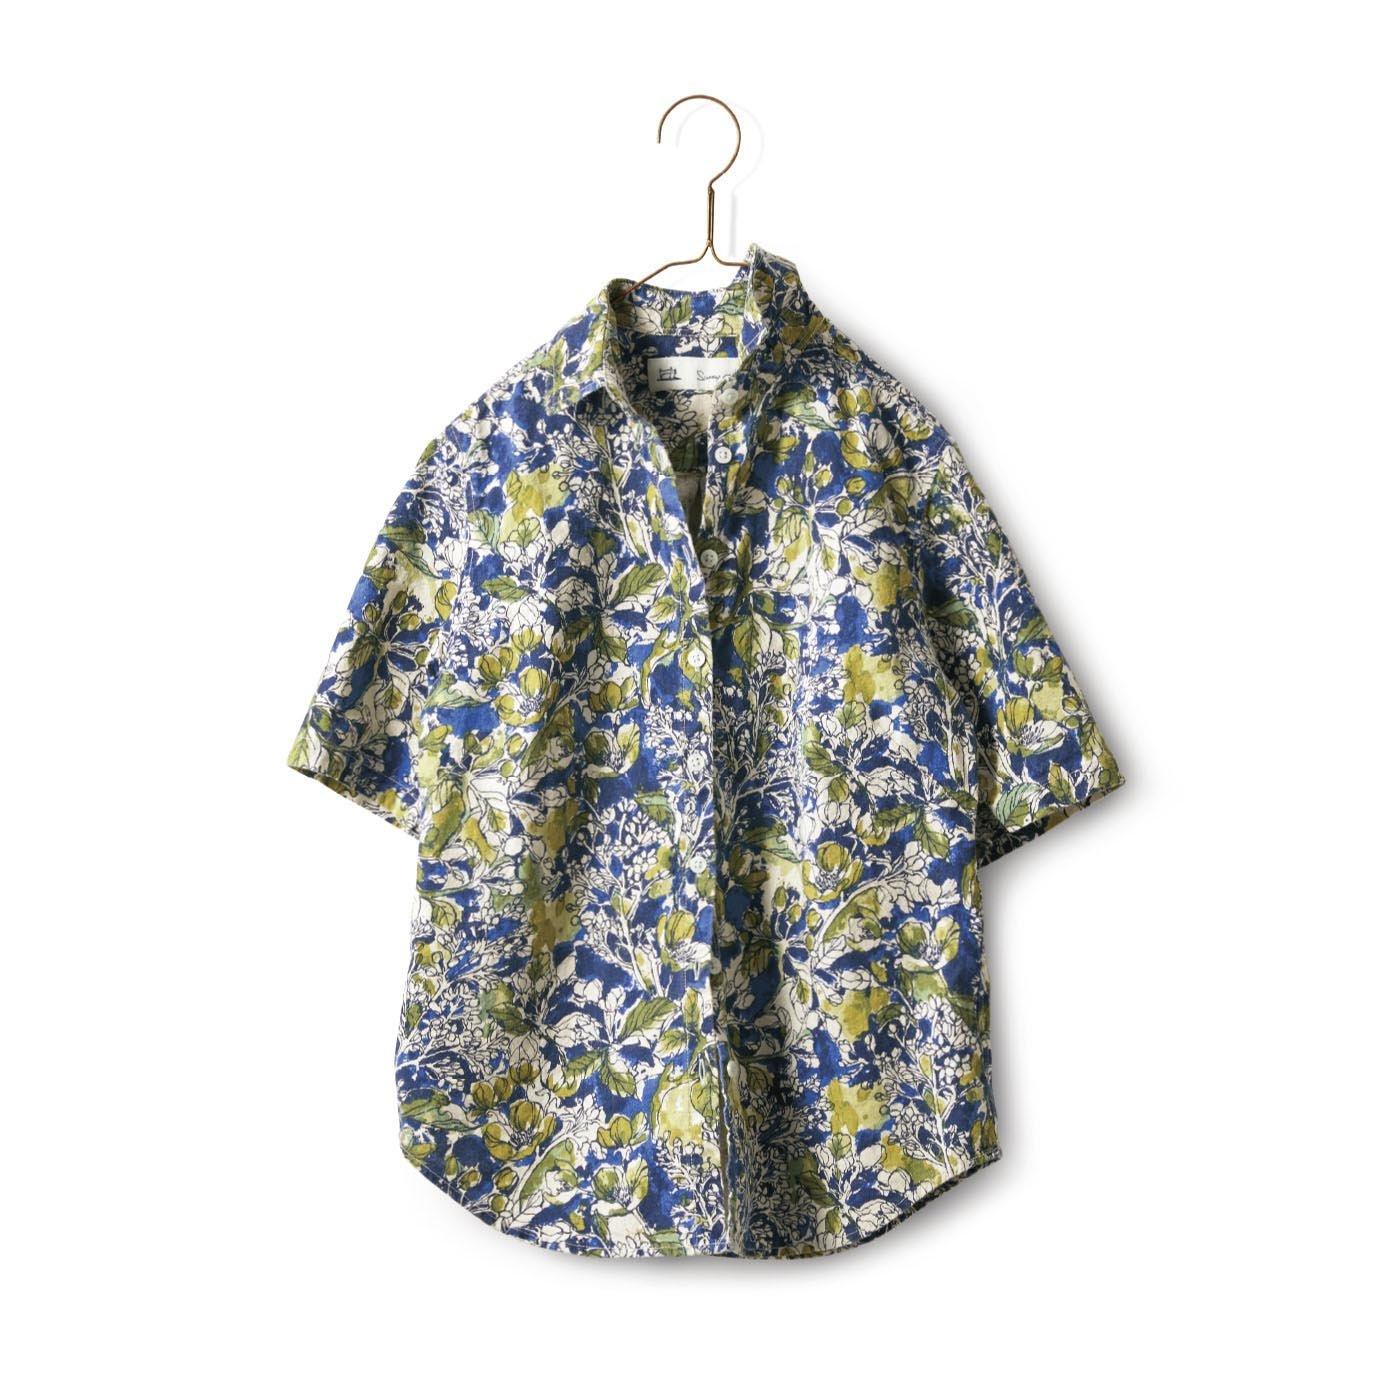 サニークラウズ 陽気に着こなすシャツ〈レディース〉